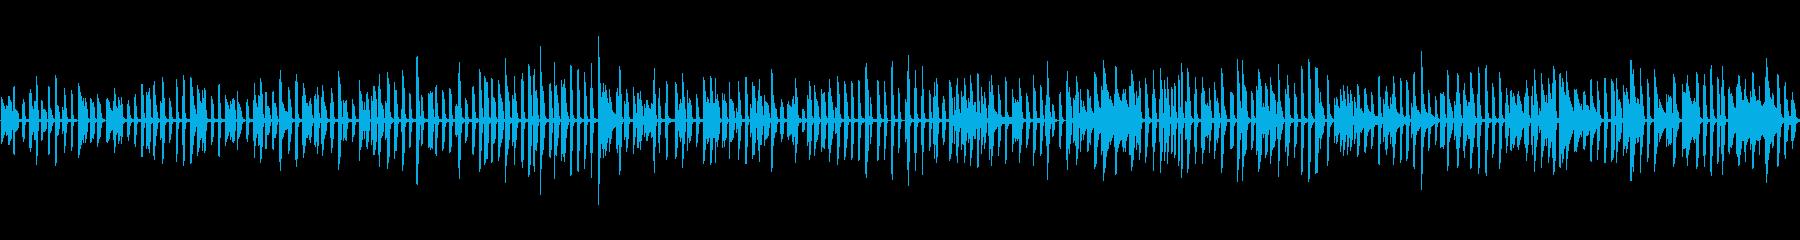 生ピアノソロ・楽しいDIY長めバージョンの再生済みの波形